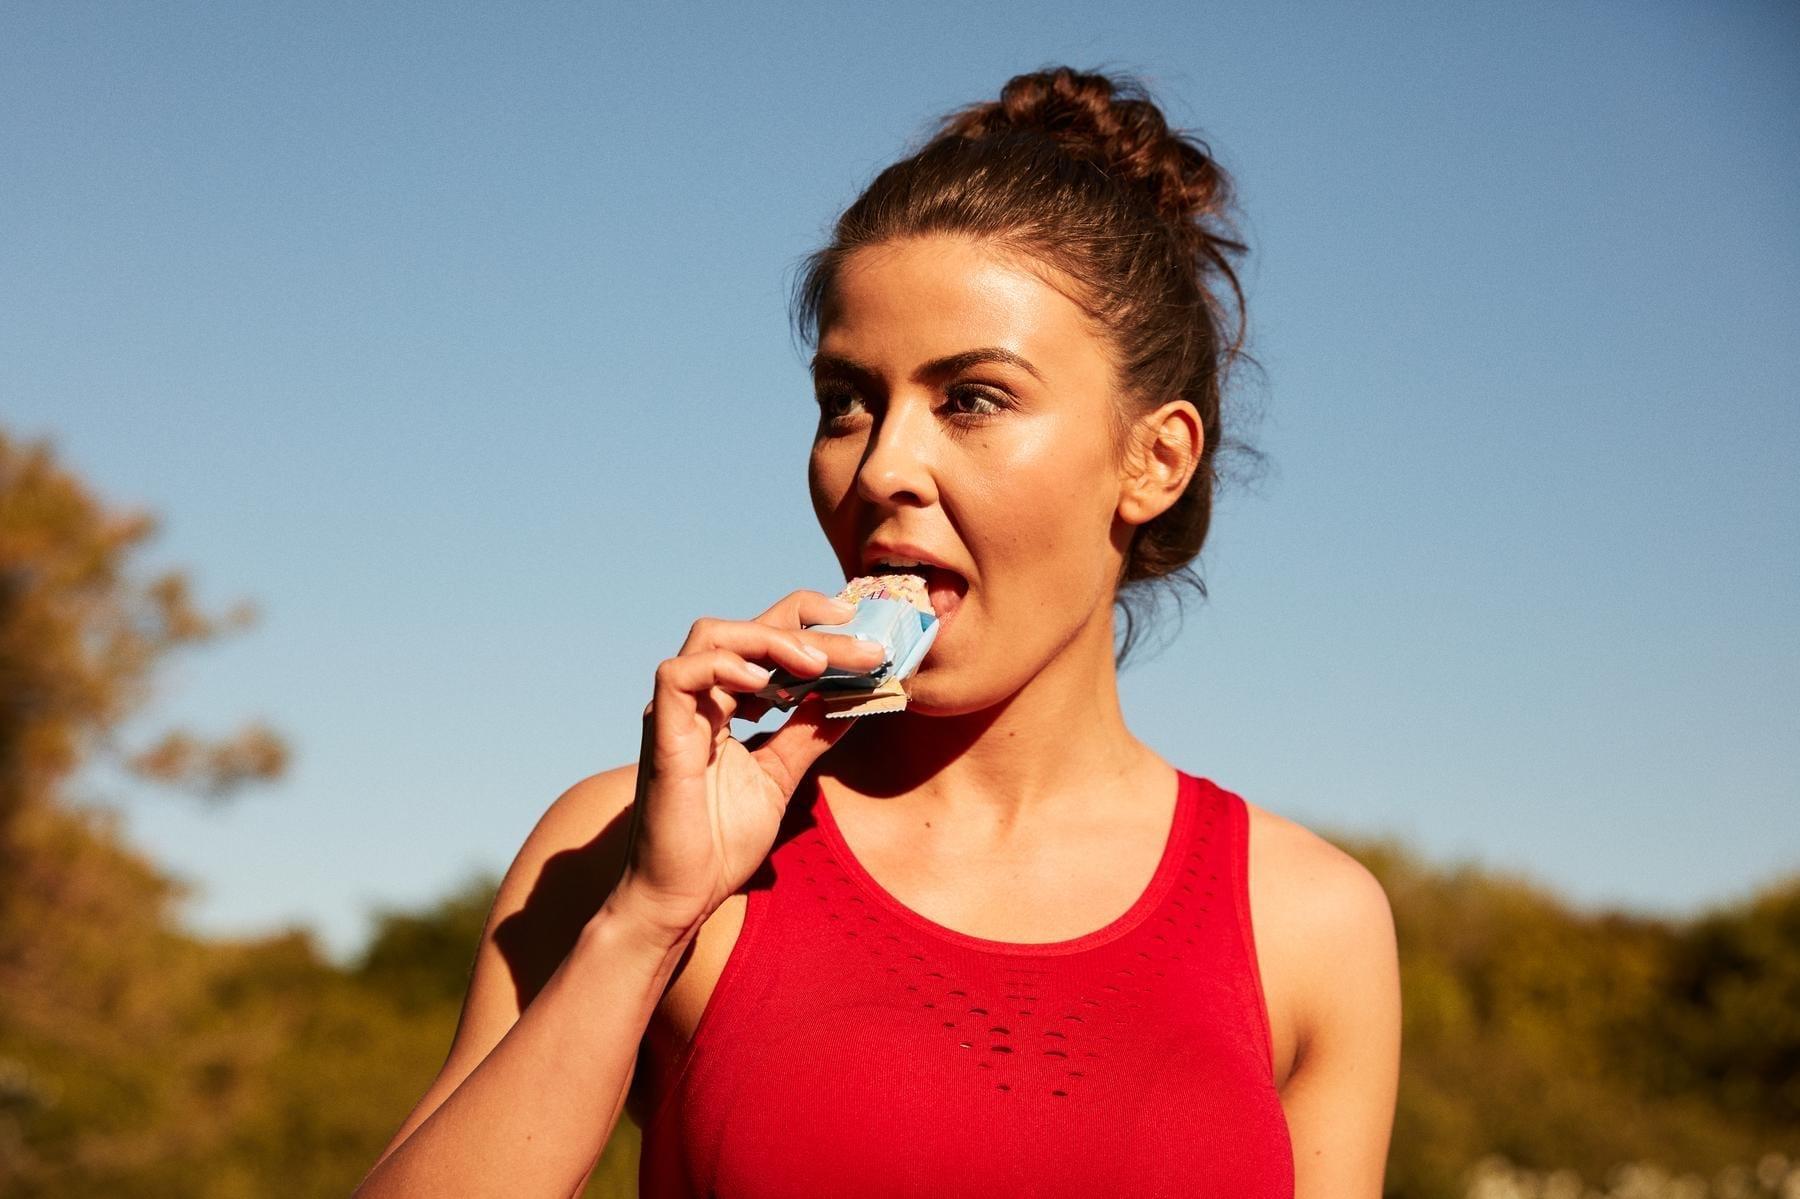 Новые исследования в области здоровья и фитнеса